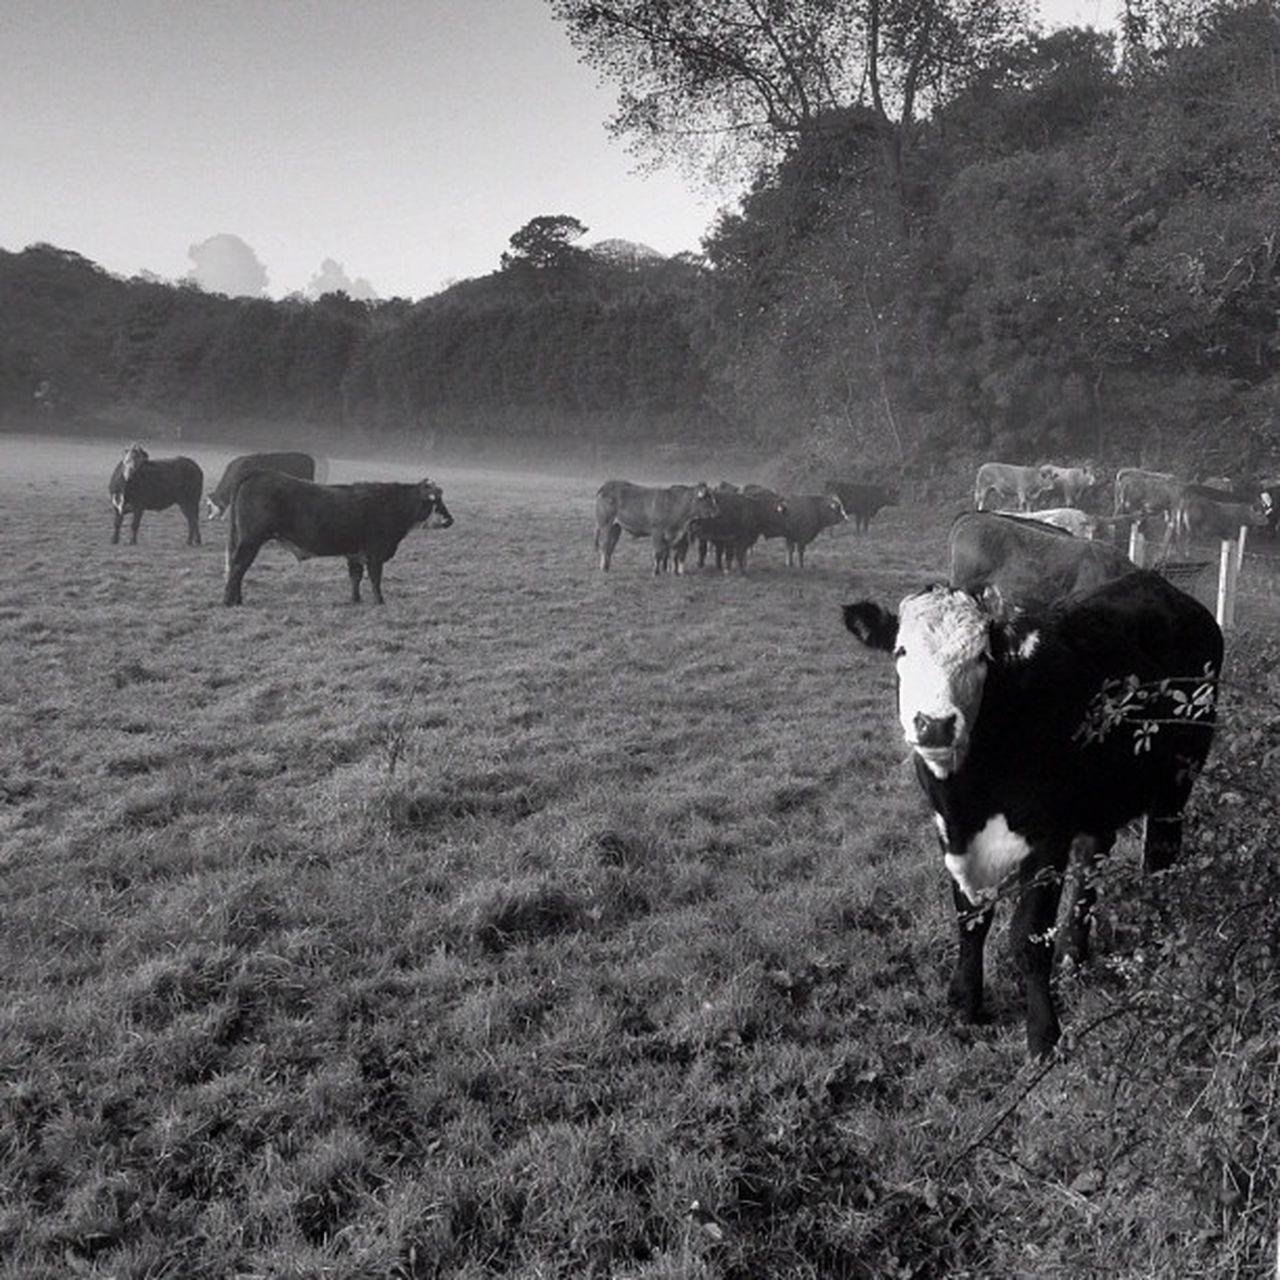 #cow #improvedimage #field #blackandwhite Blackandwhite Field Cow Improvedimage